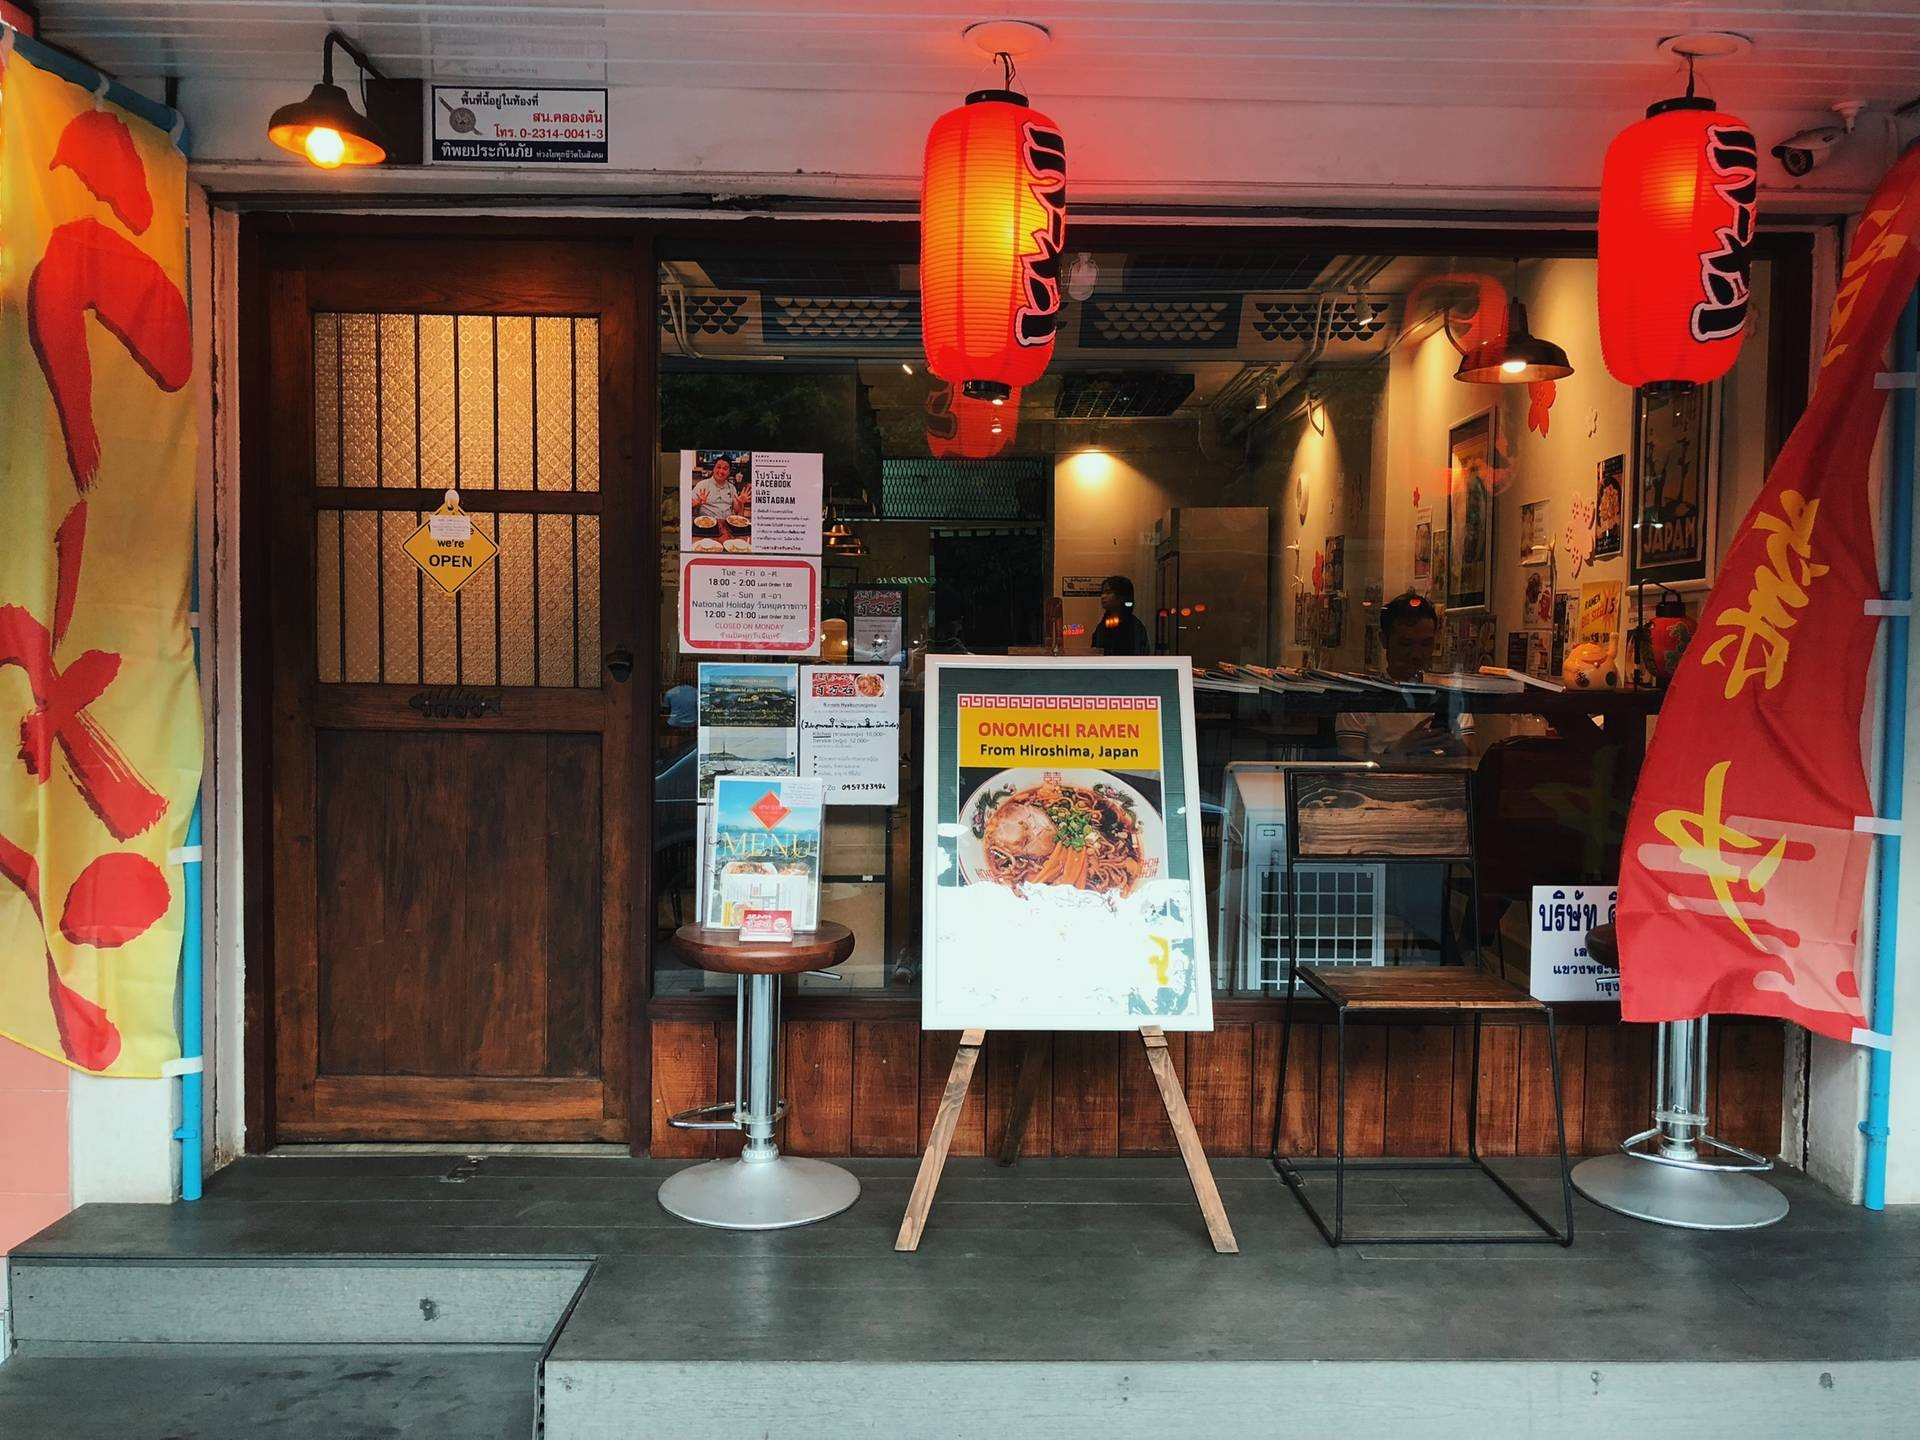 ราเมน แฮกกุมังโกคุ Onomichi Ramen Hyakumangoku 尾道ラーメン 百万石 Thonglor